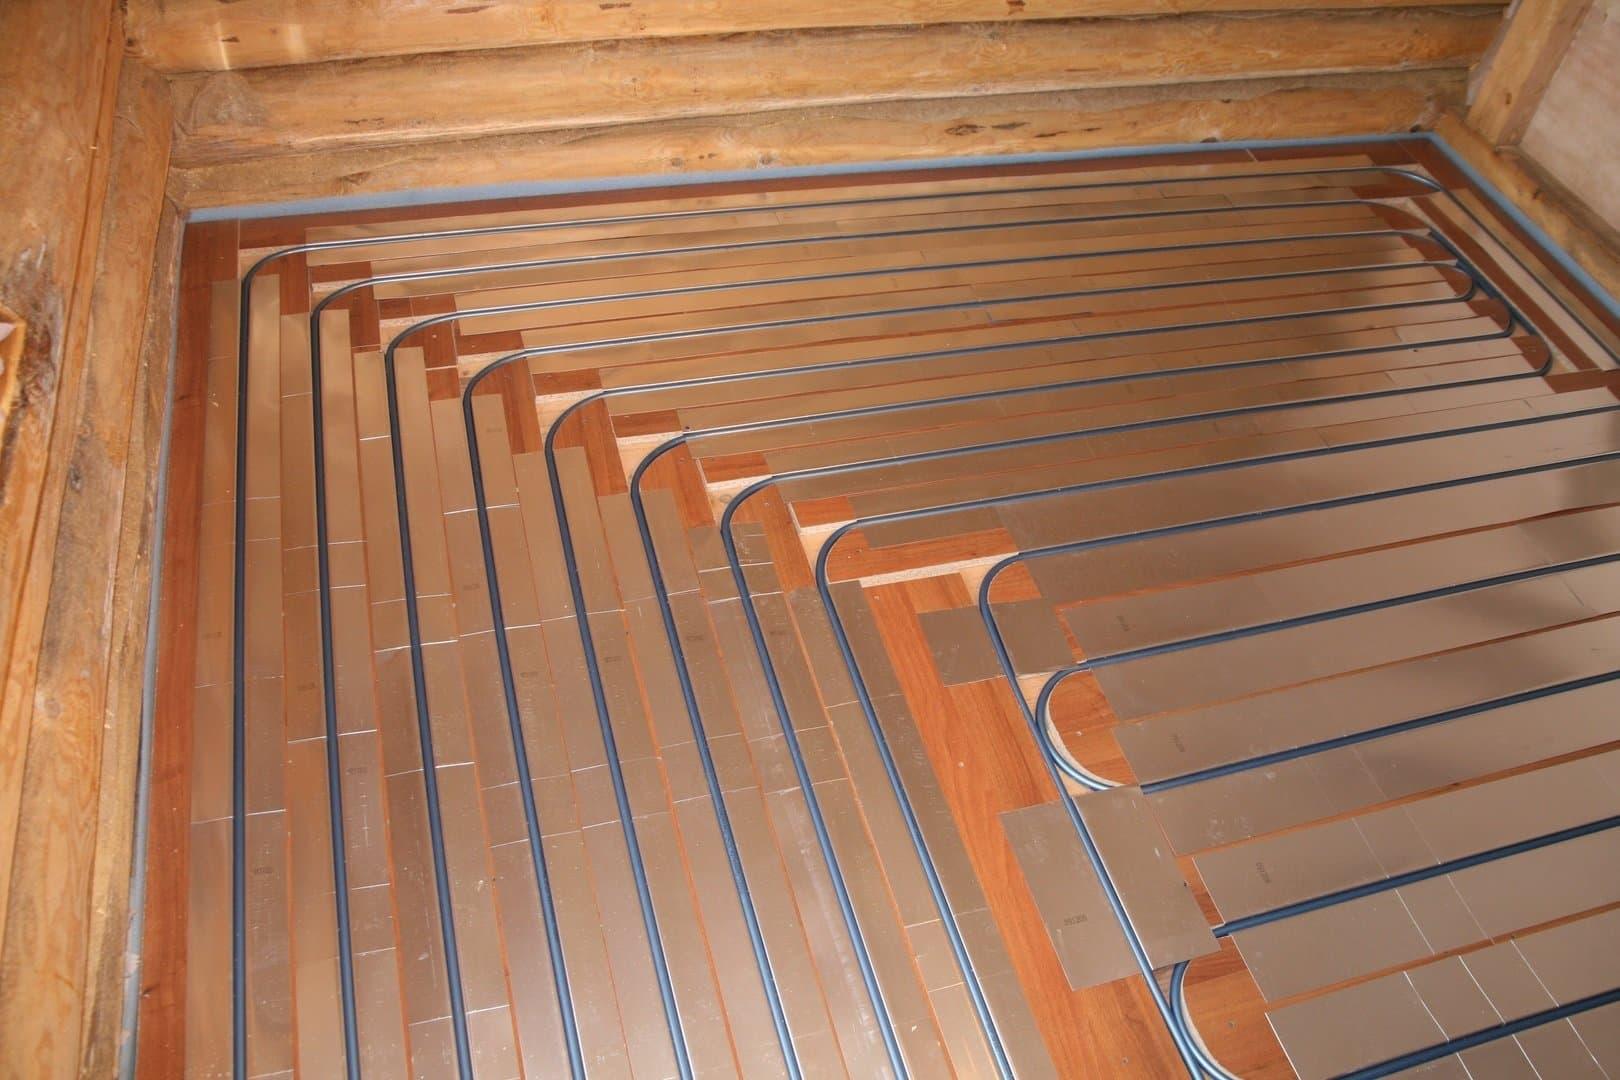 Как сделать водяные тёплые полы в деревянном доме своими руками фото 844